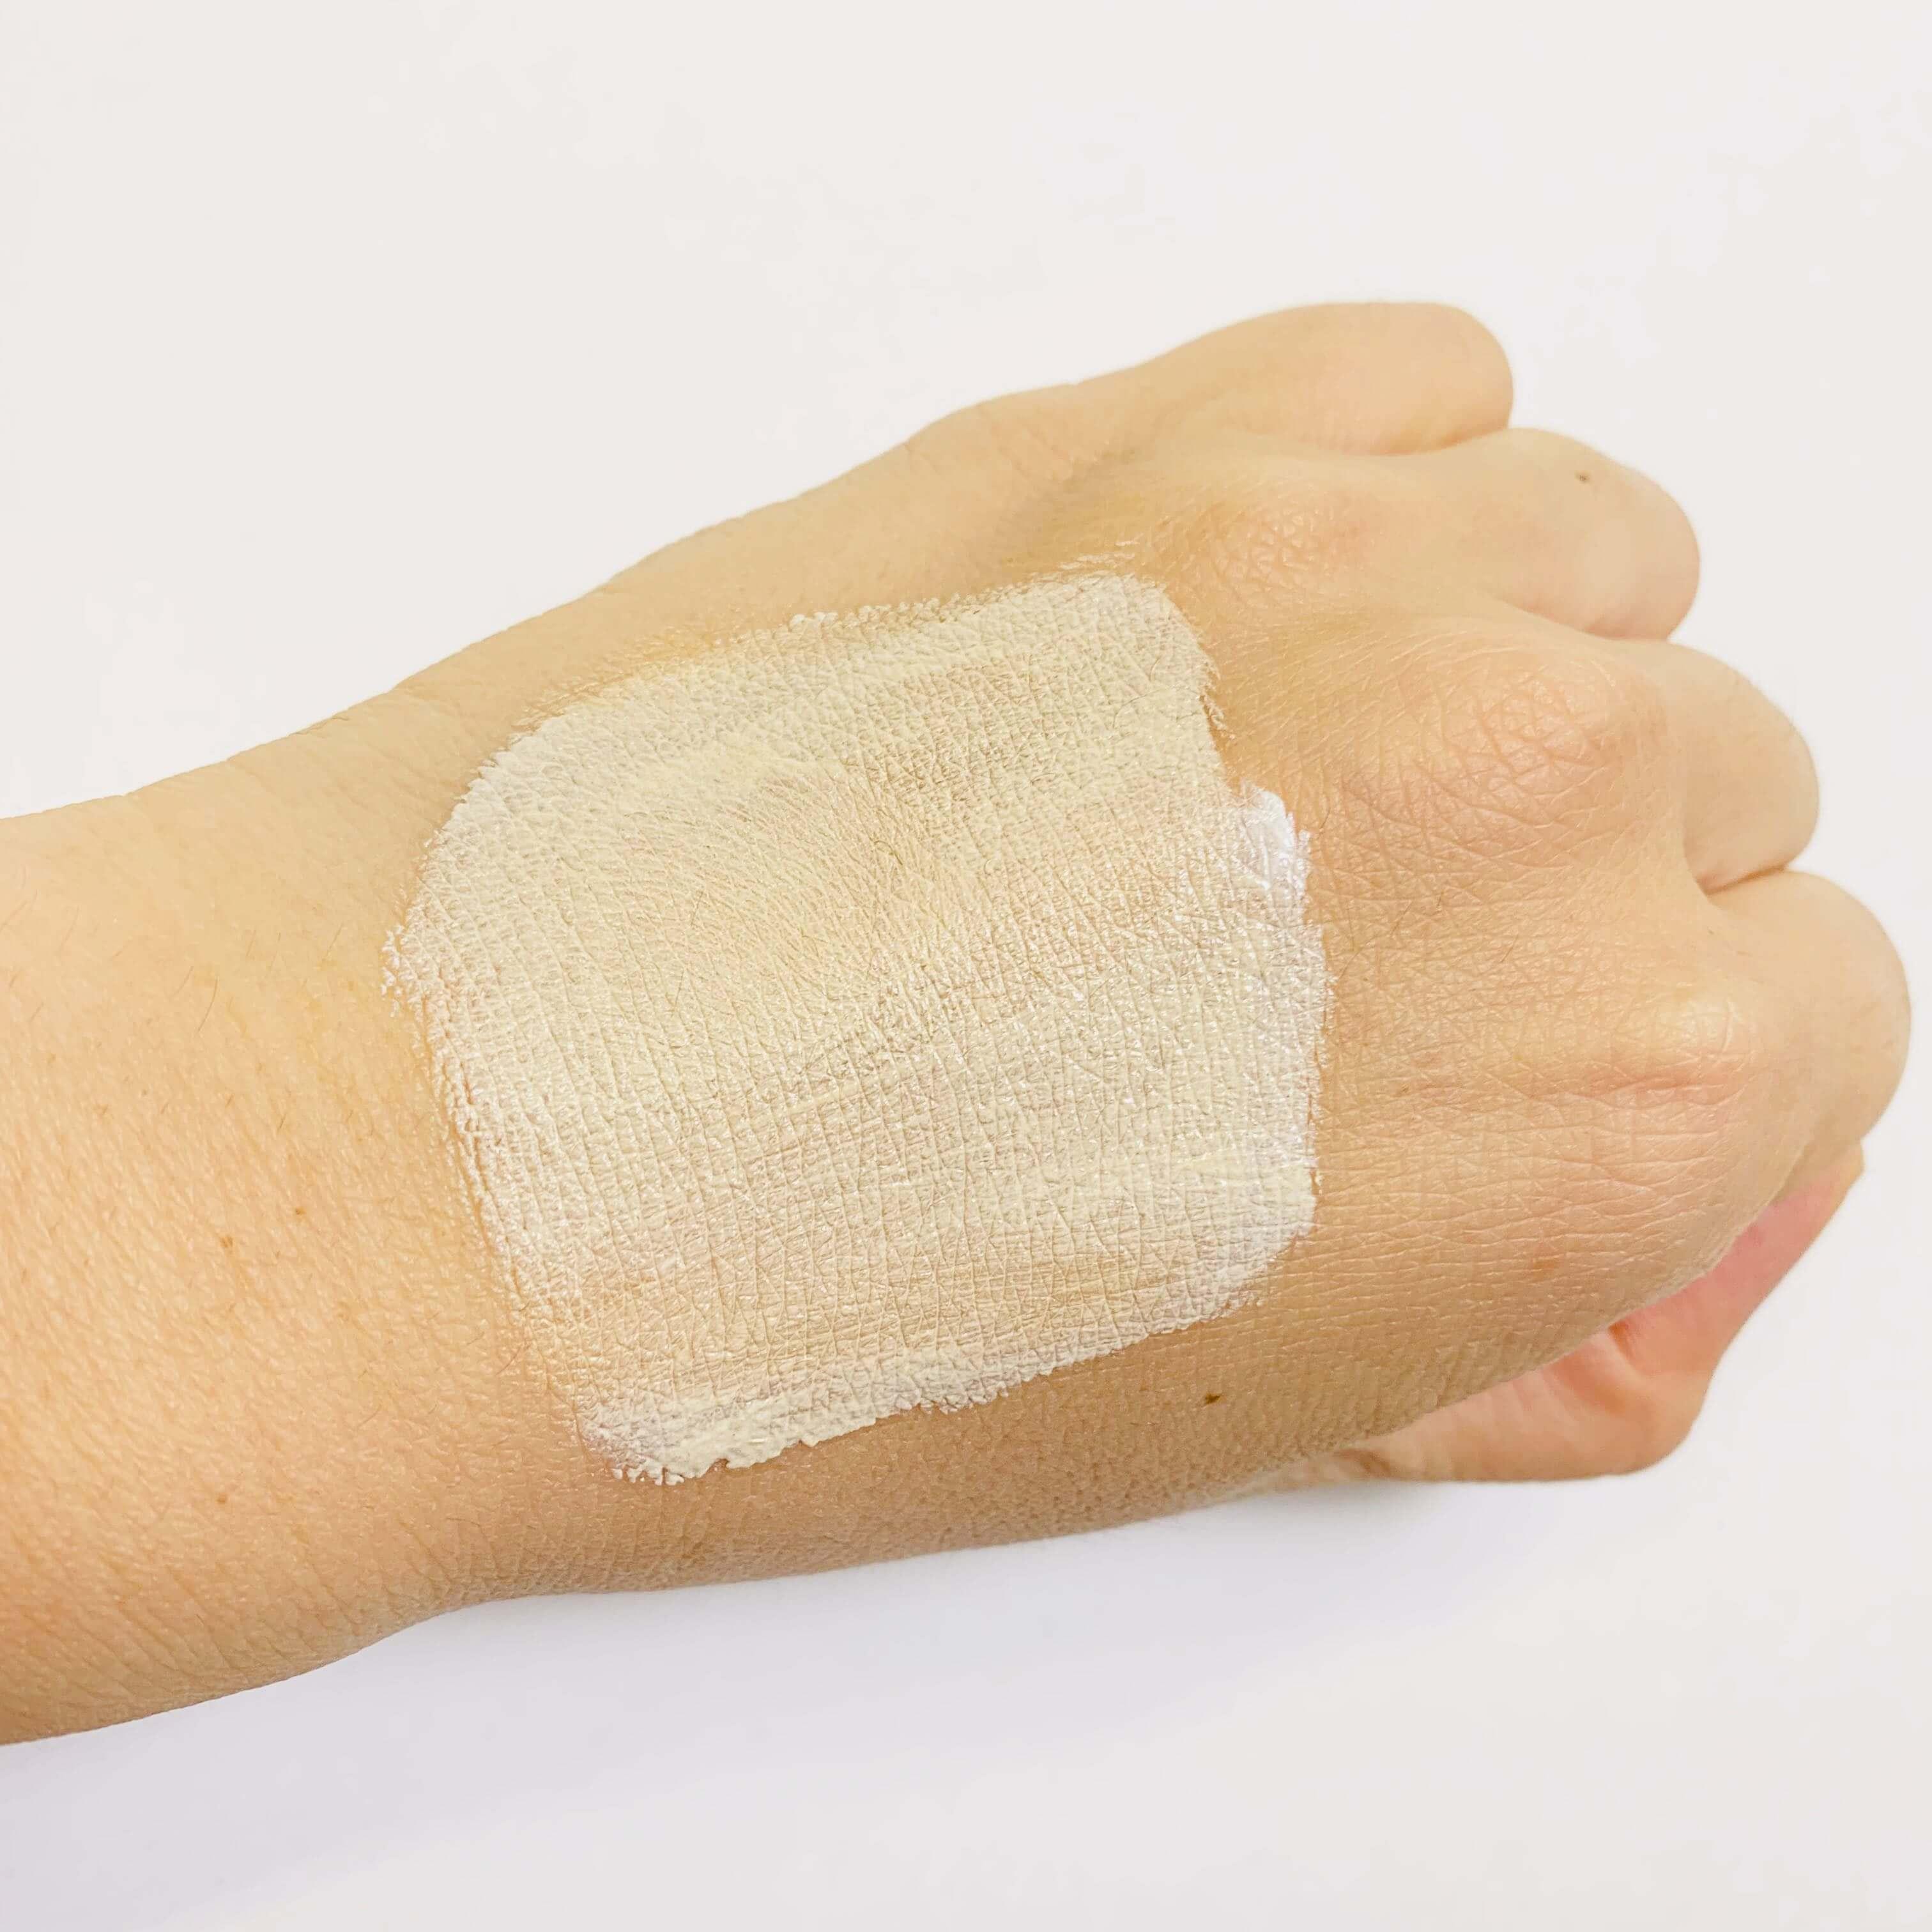 完璧なツヤ肌を演出し、ハリのある肌の完成!に関する画像20